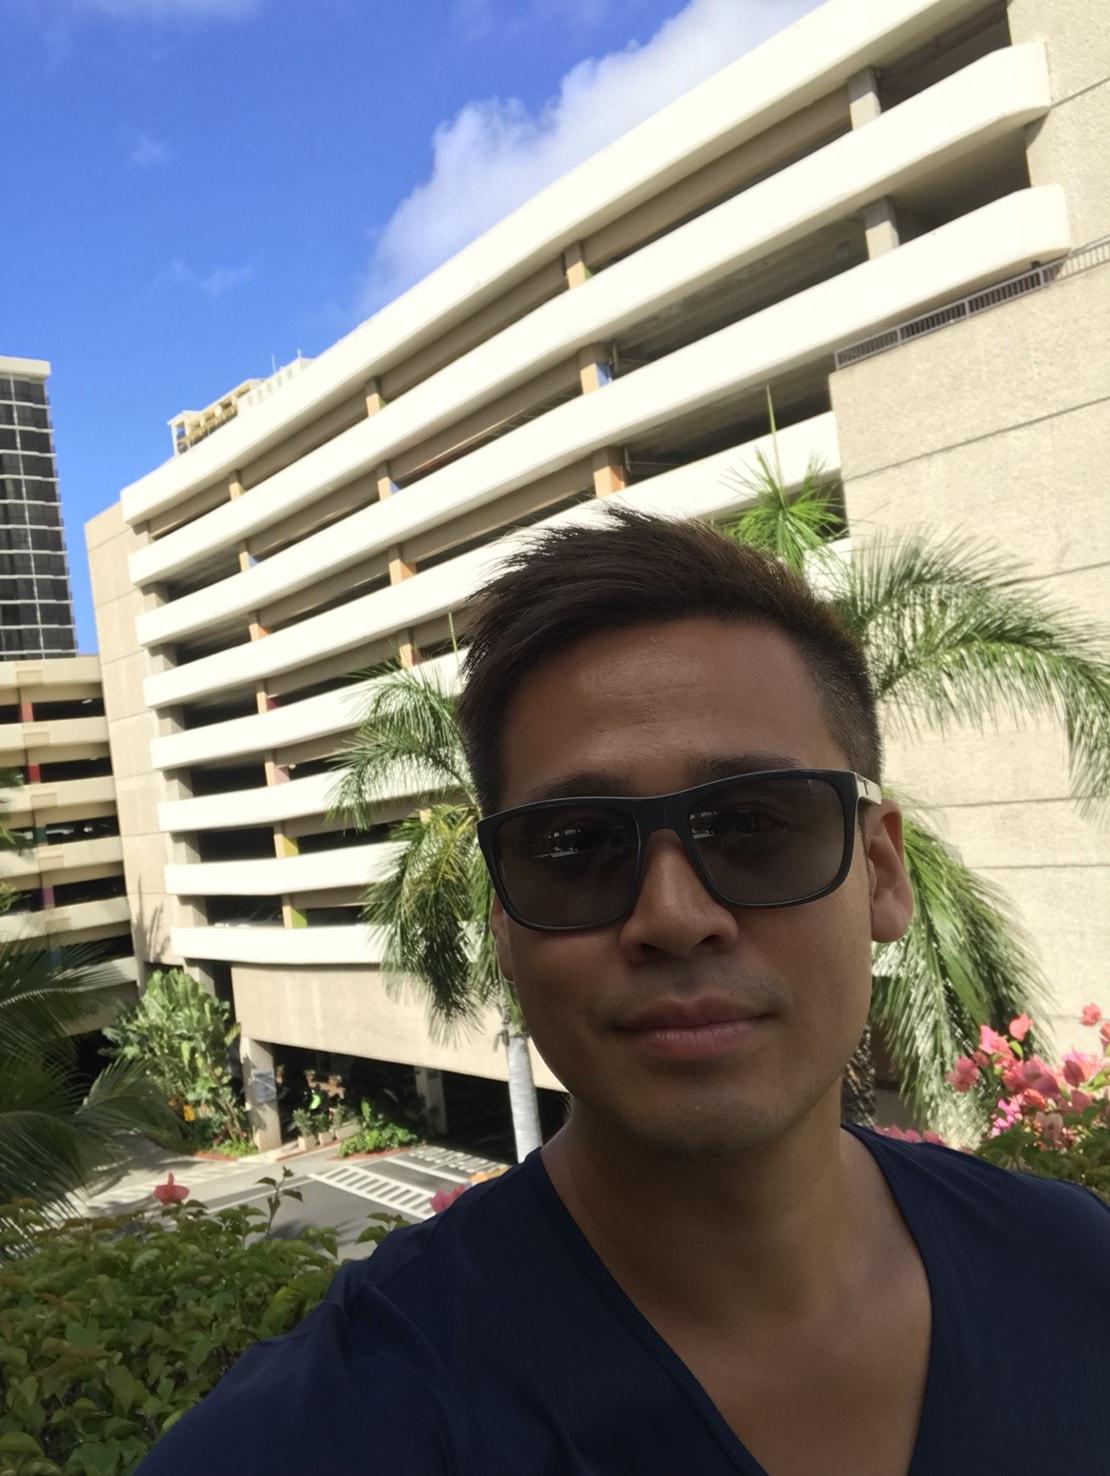 ハワイ滞在中の竹井佑介